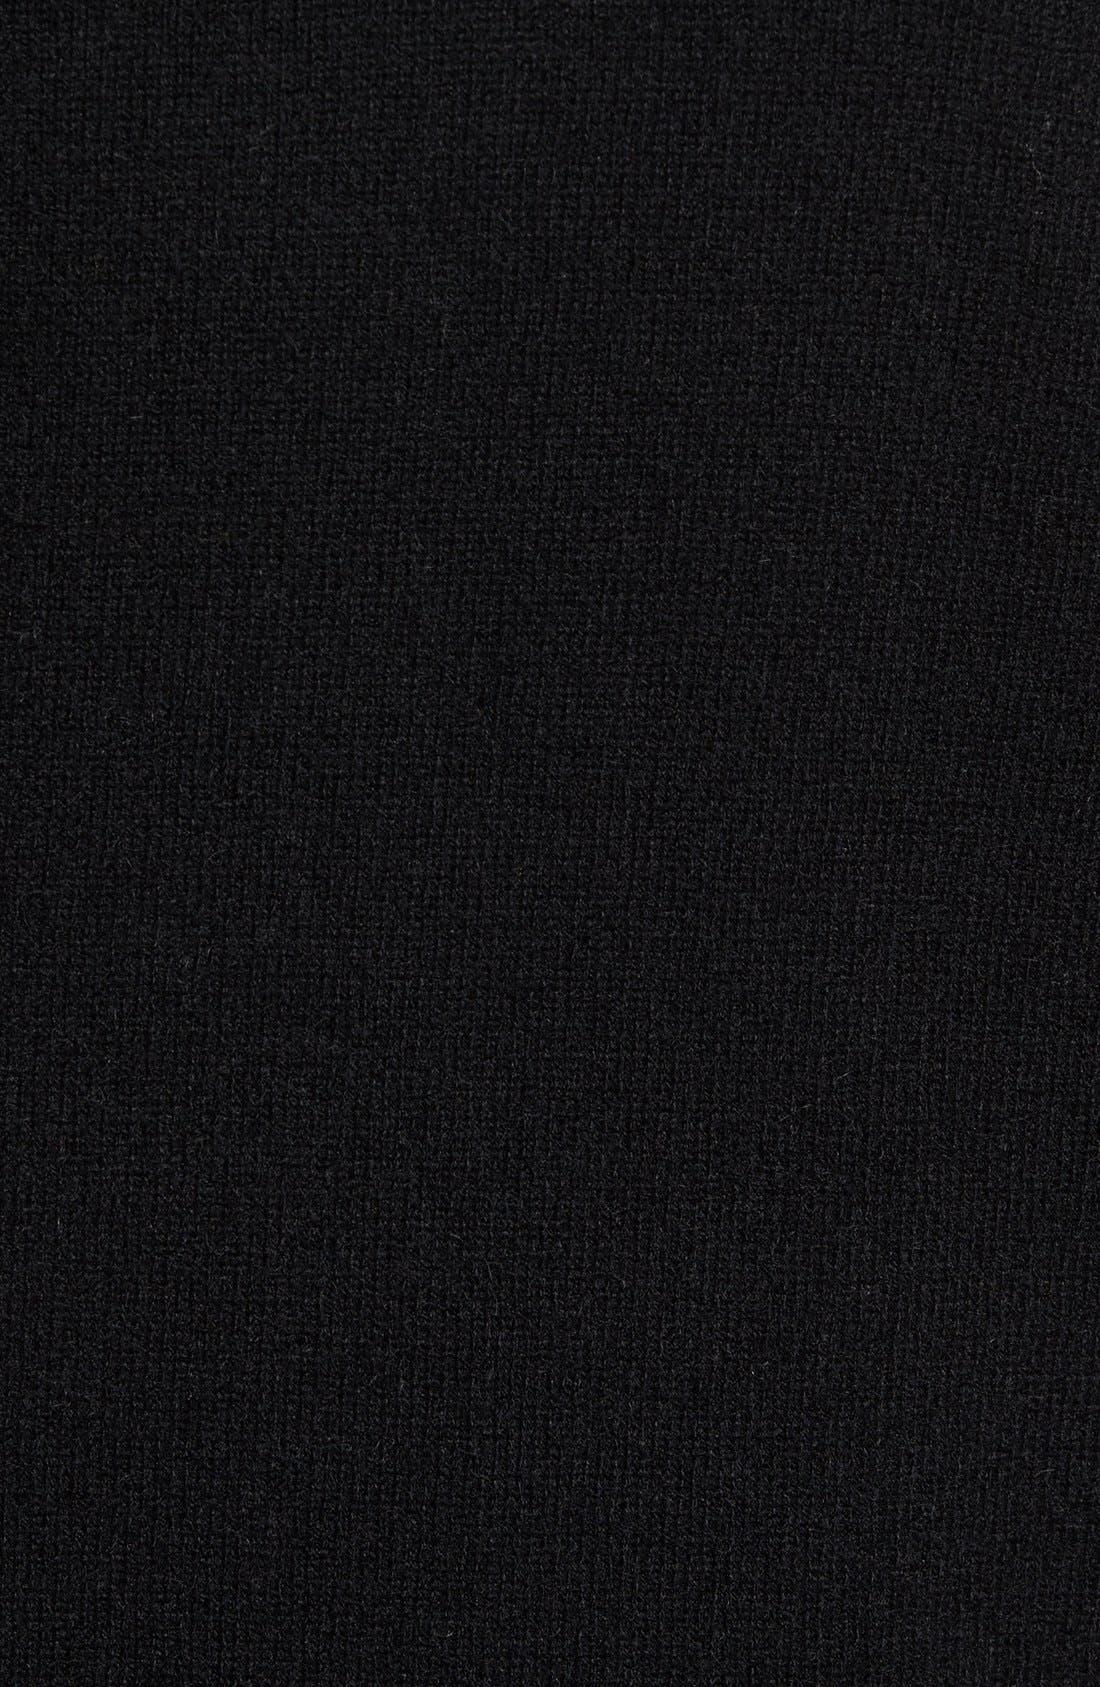 Cashmere Quarter Zip Sweater,                             Alternate thumbnail 44, color,